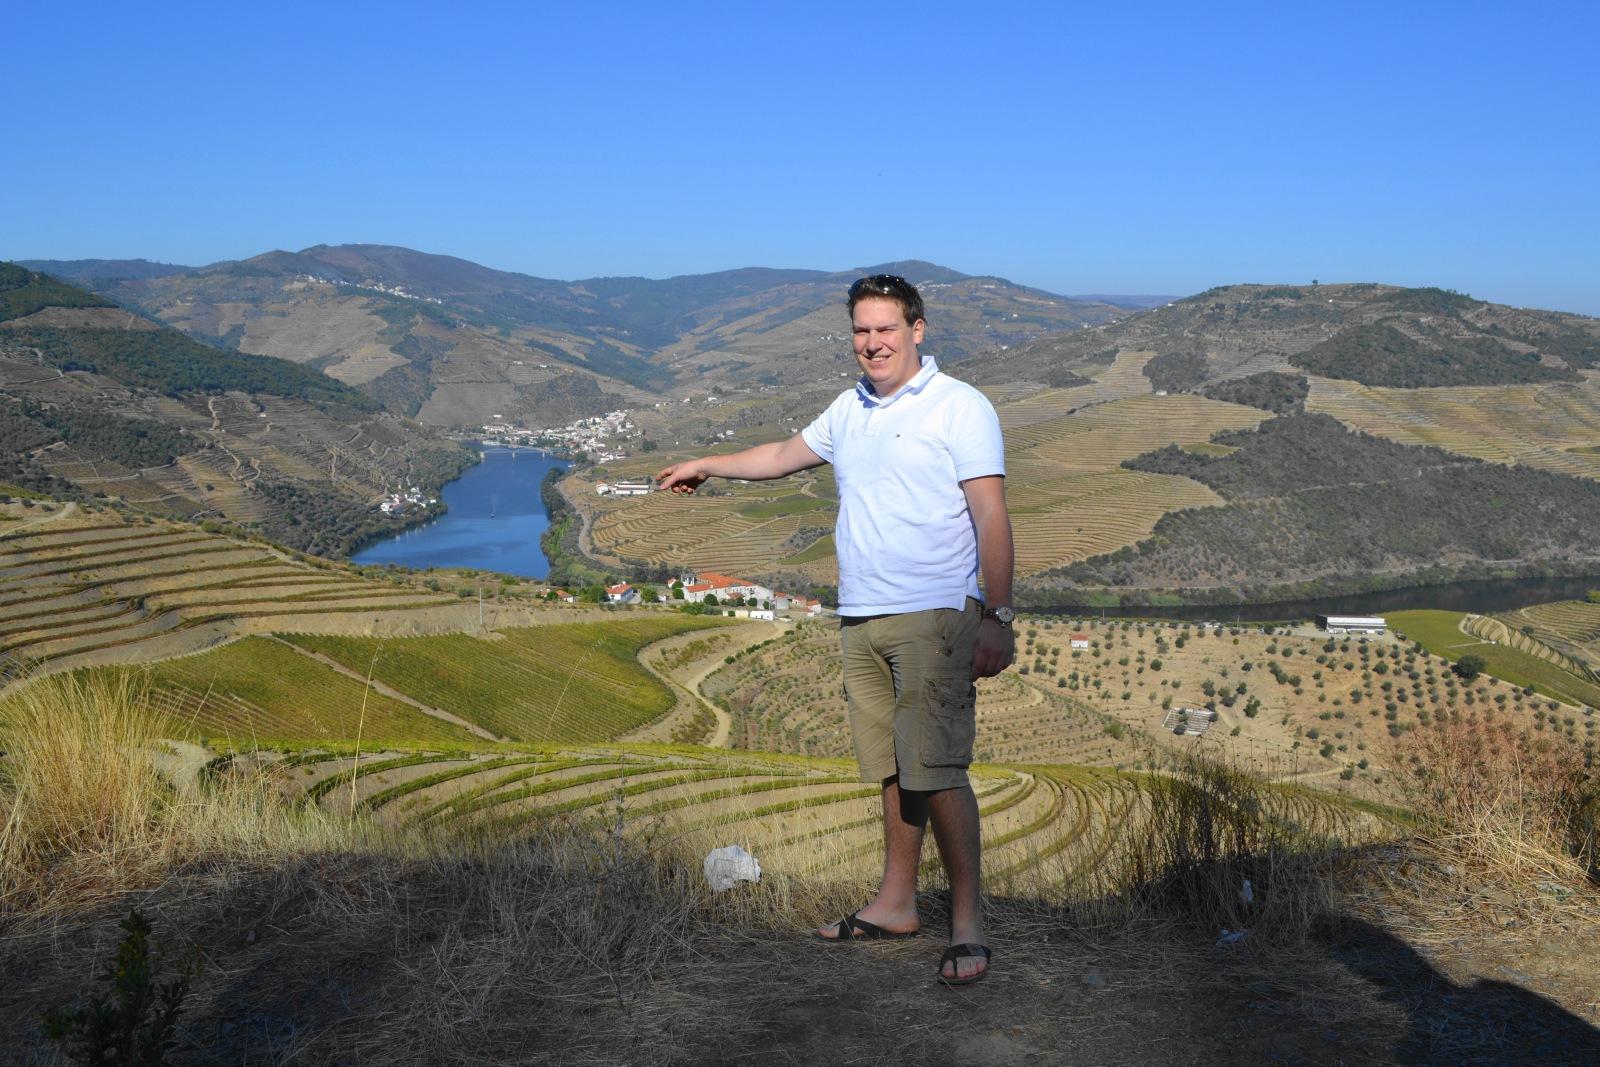 Jaap bij vallei met wijngaarden